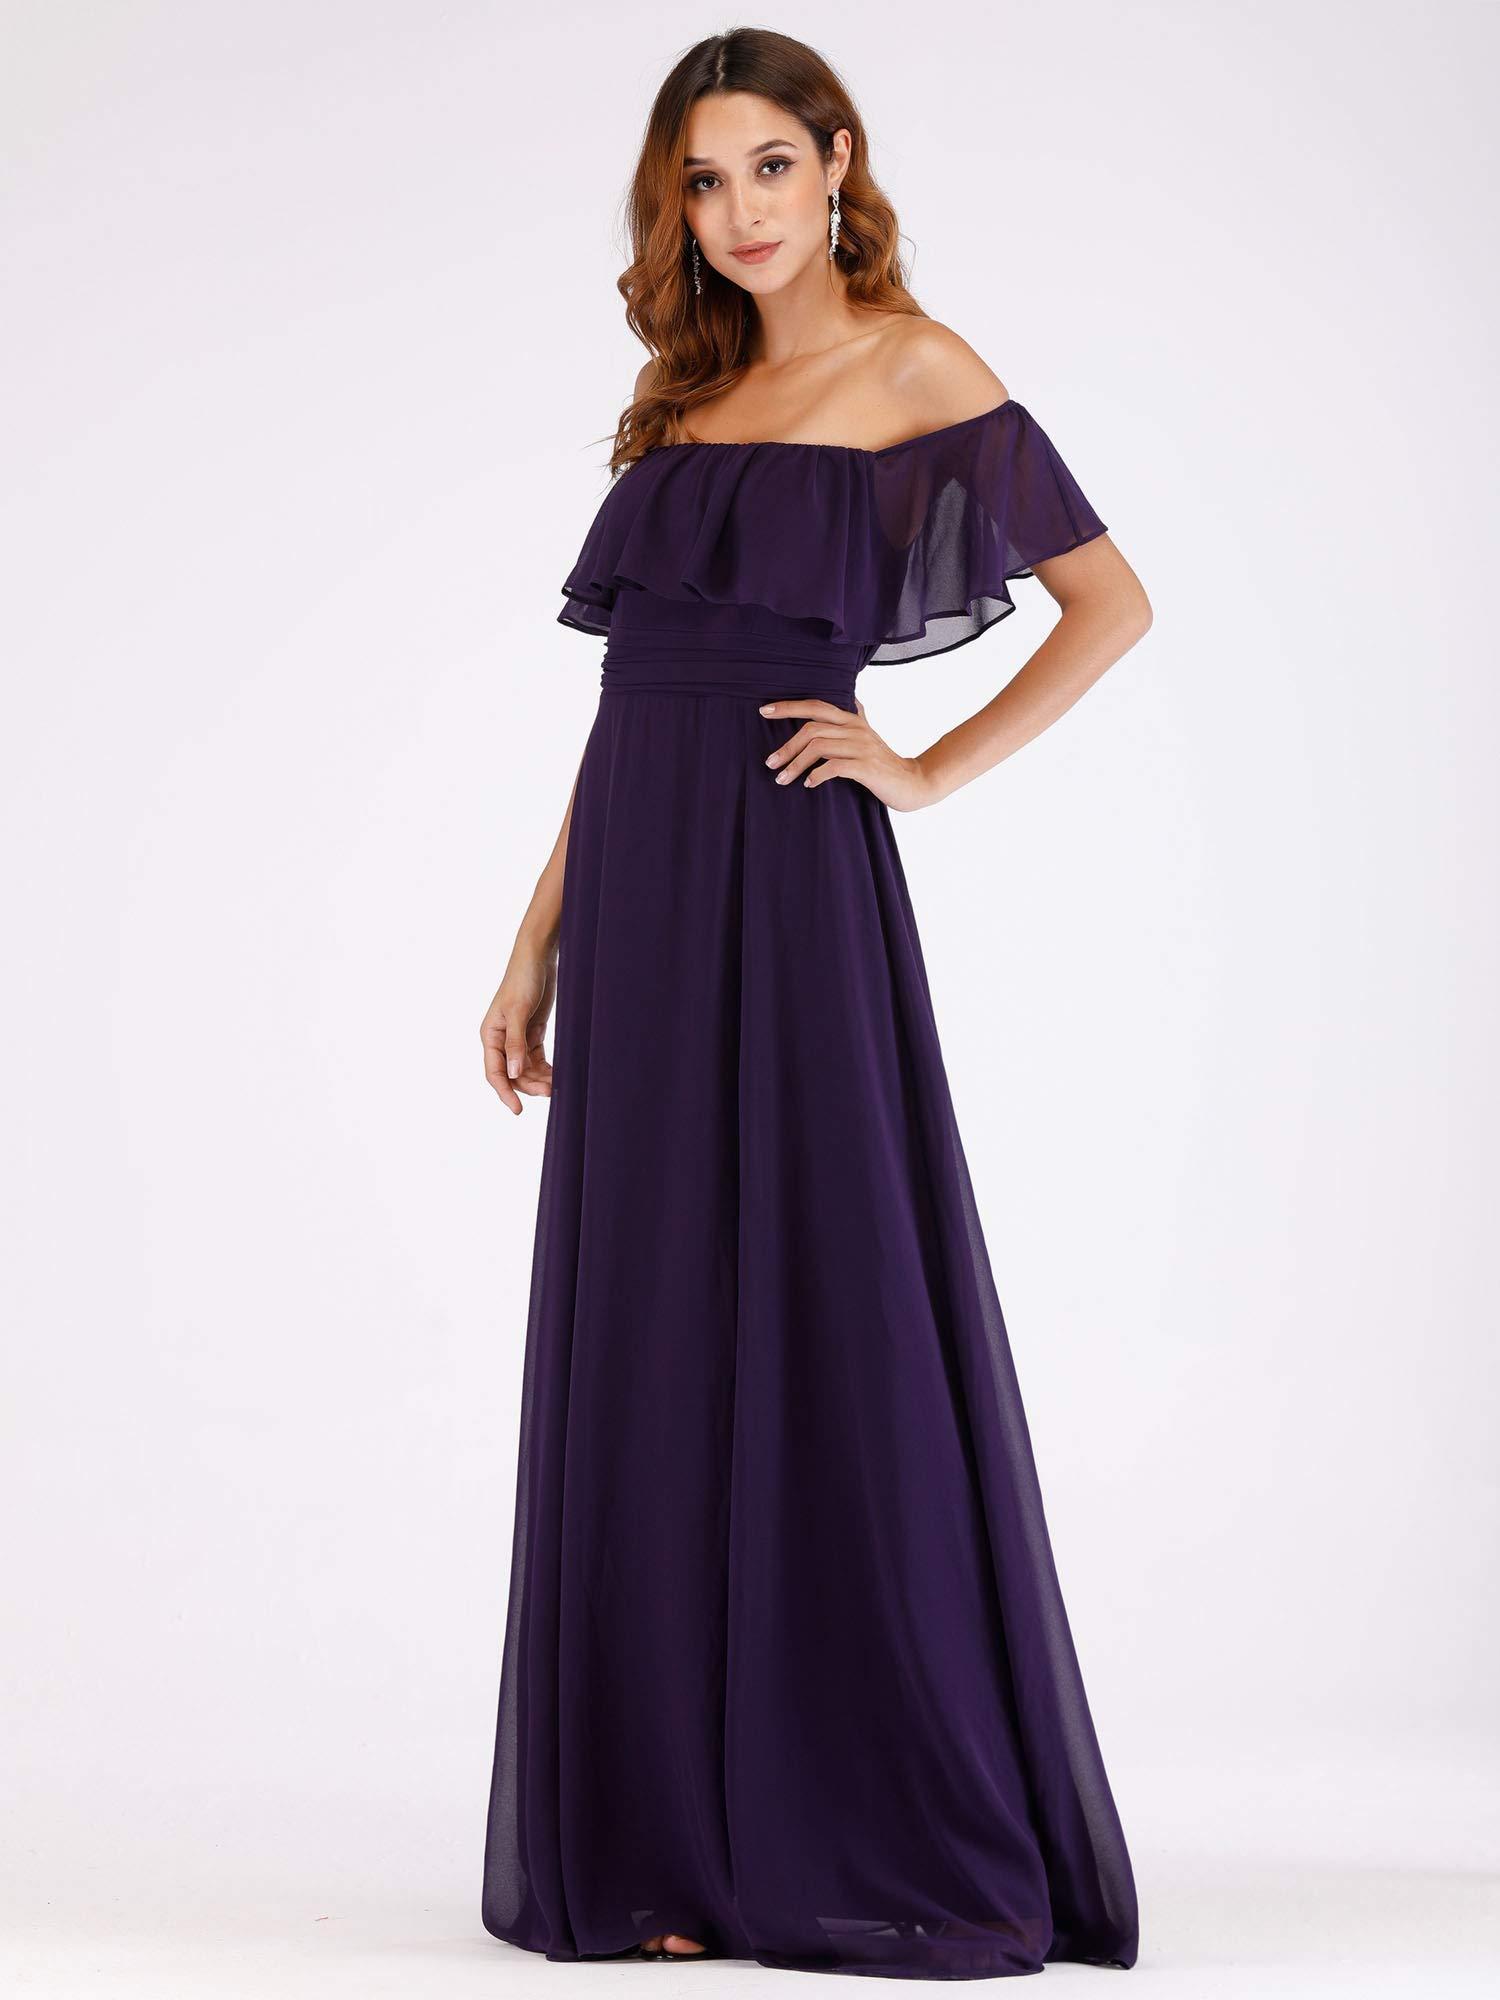 Women\'s Off Shoulder Bridesmaid Dresses Chiffon Maxi Dresses Plus Size  Purple US18